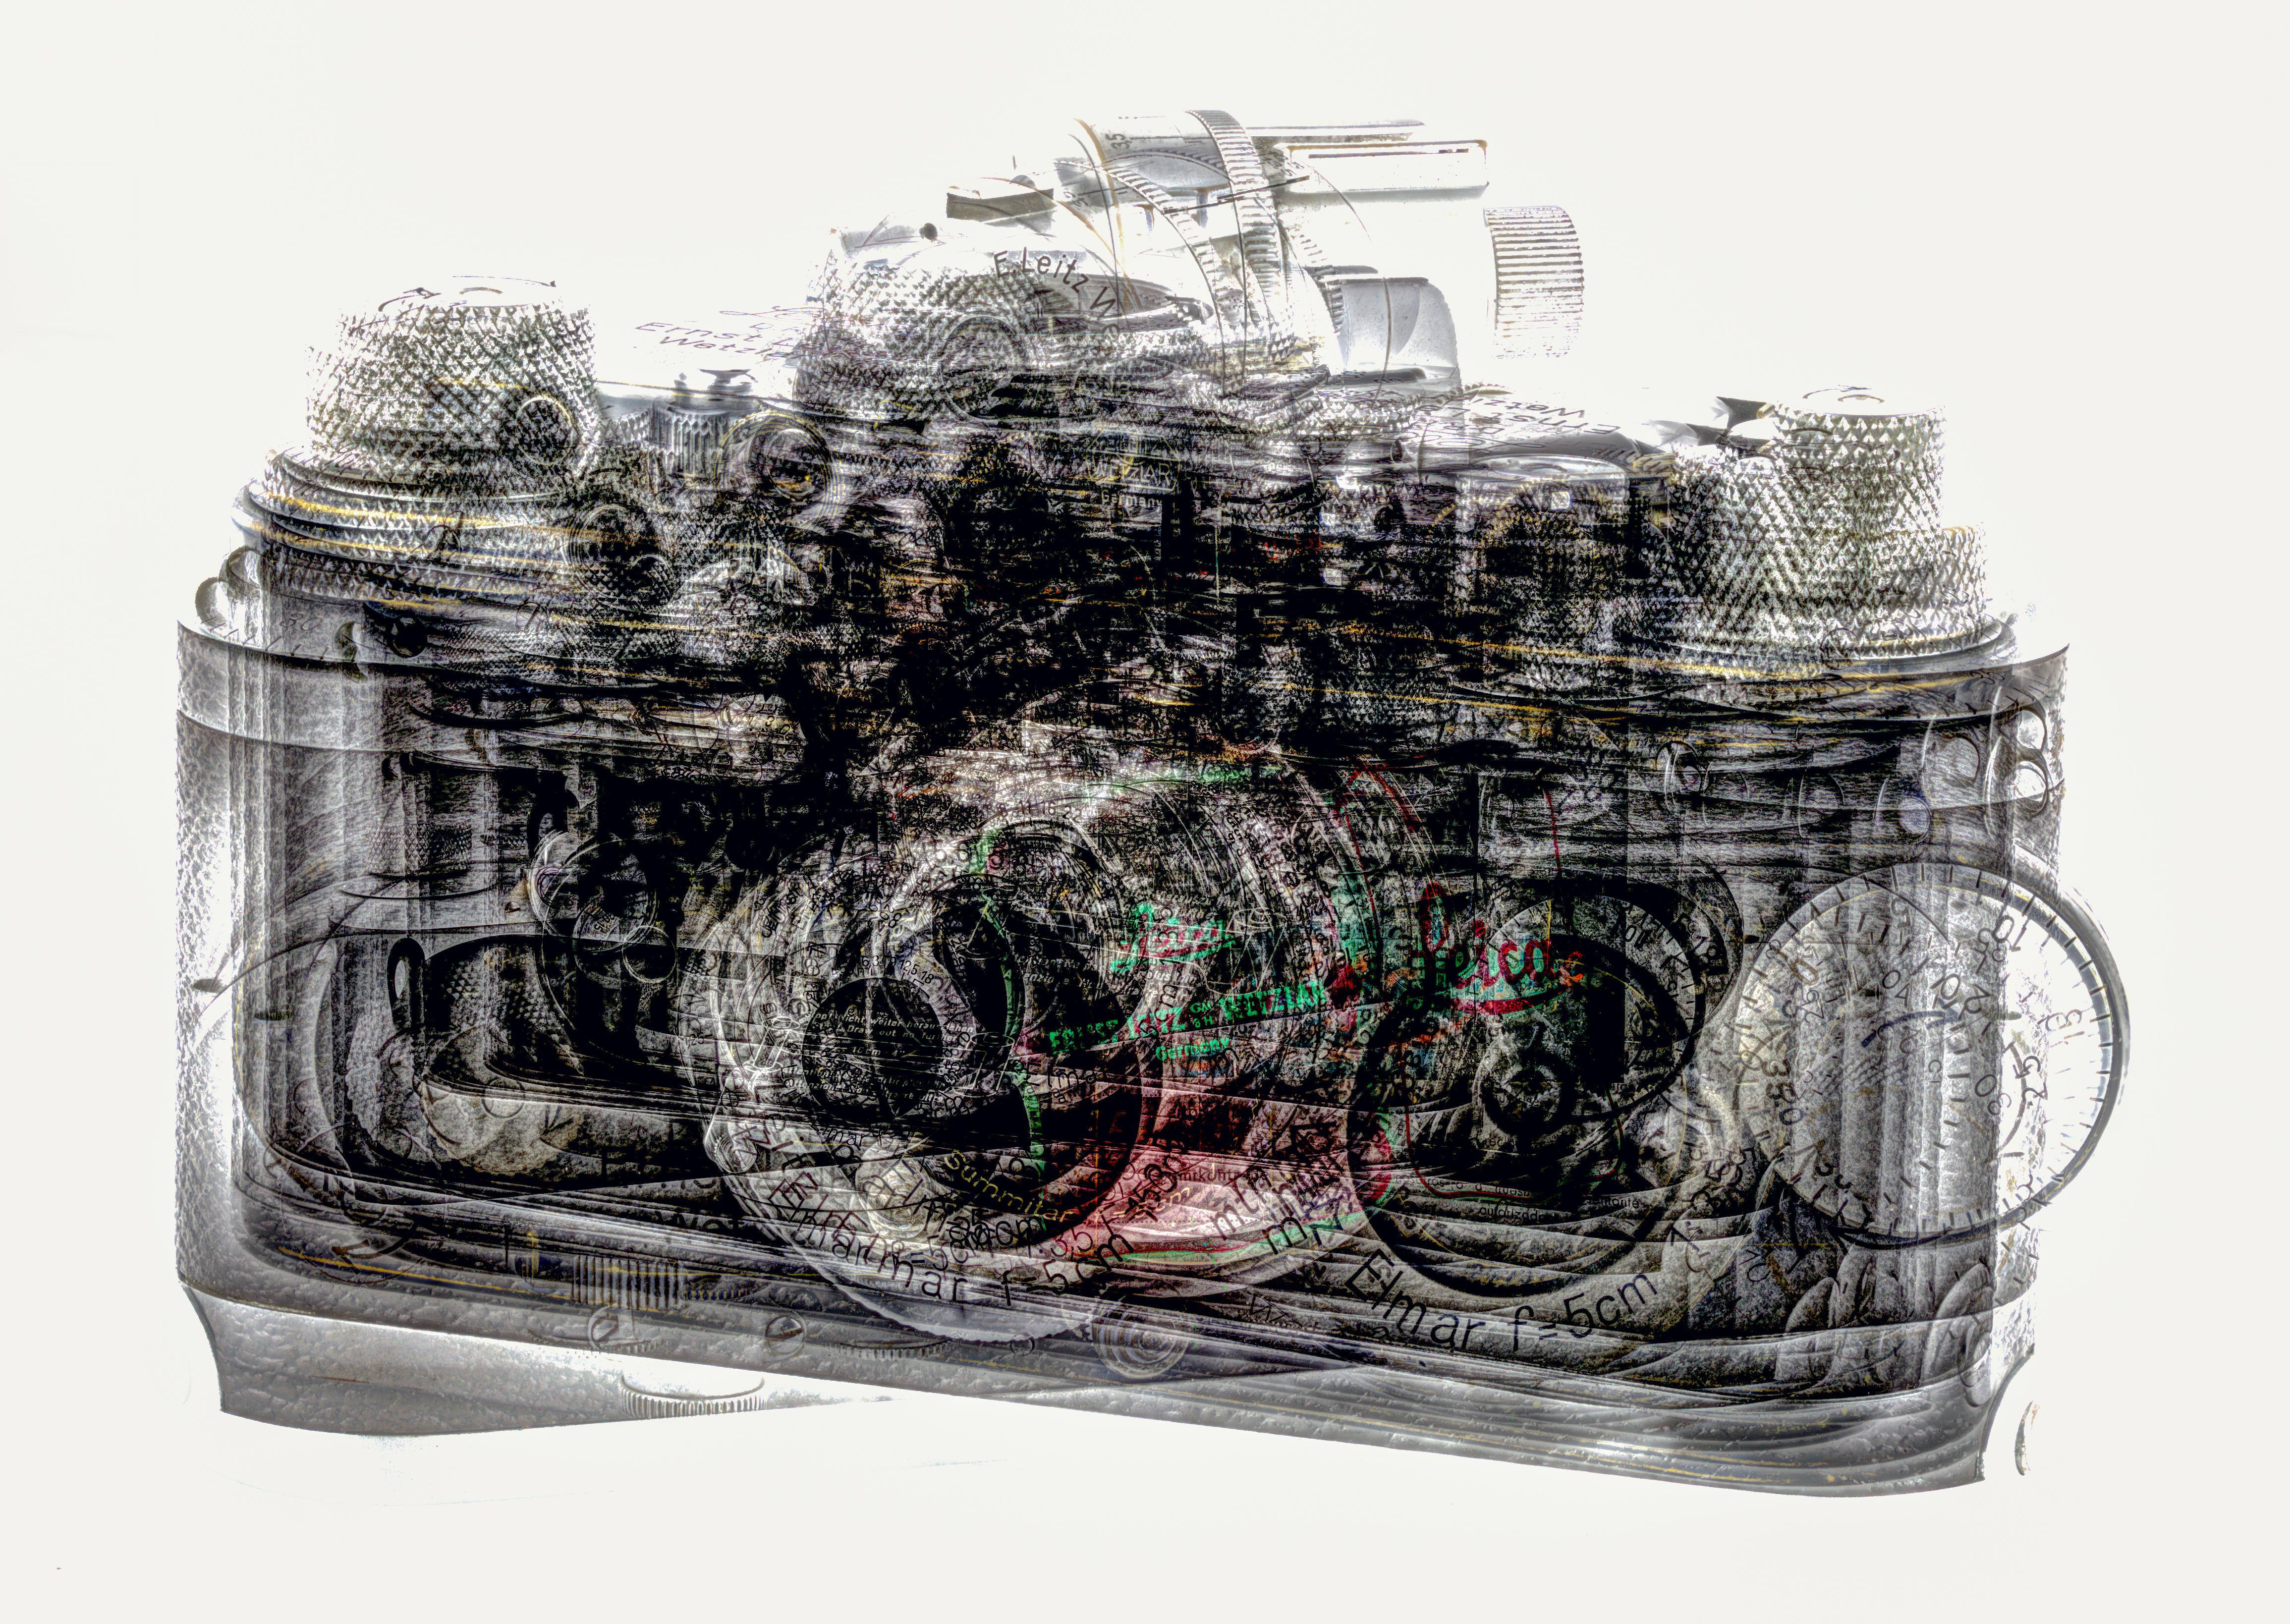 Leica Entfernungsmesser Fokos : File:leica focusstacking 1200 pictures 80 motifs.jpg wikimedia